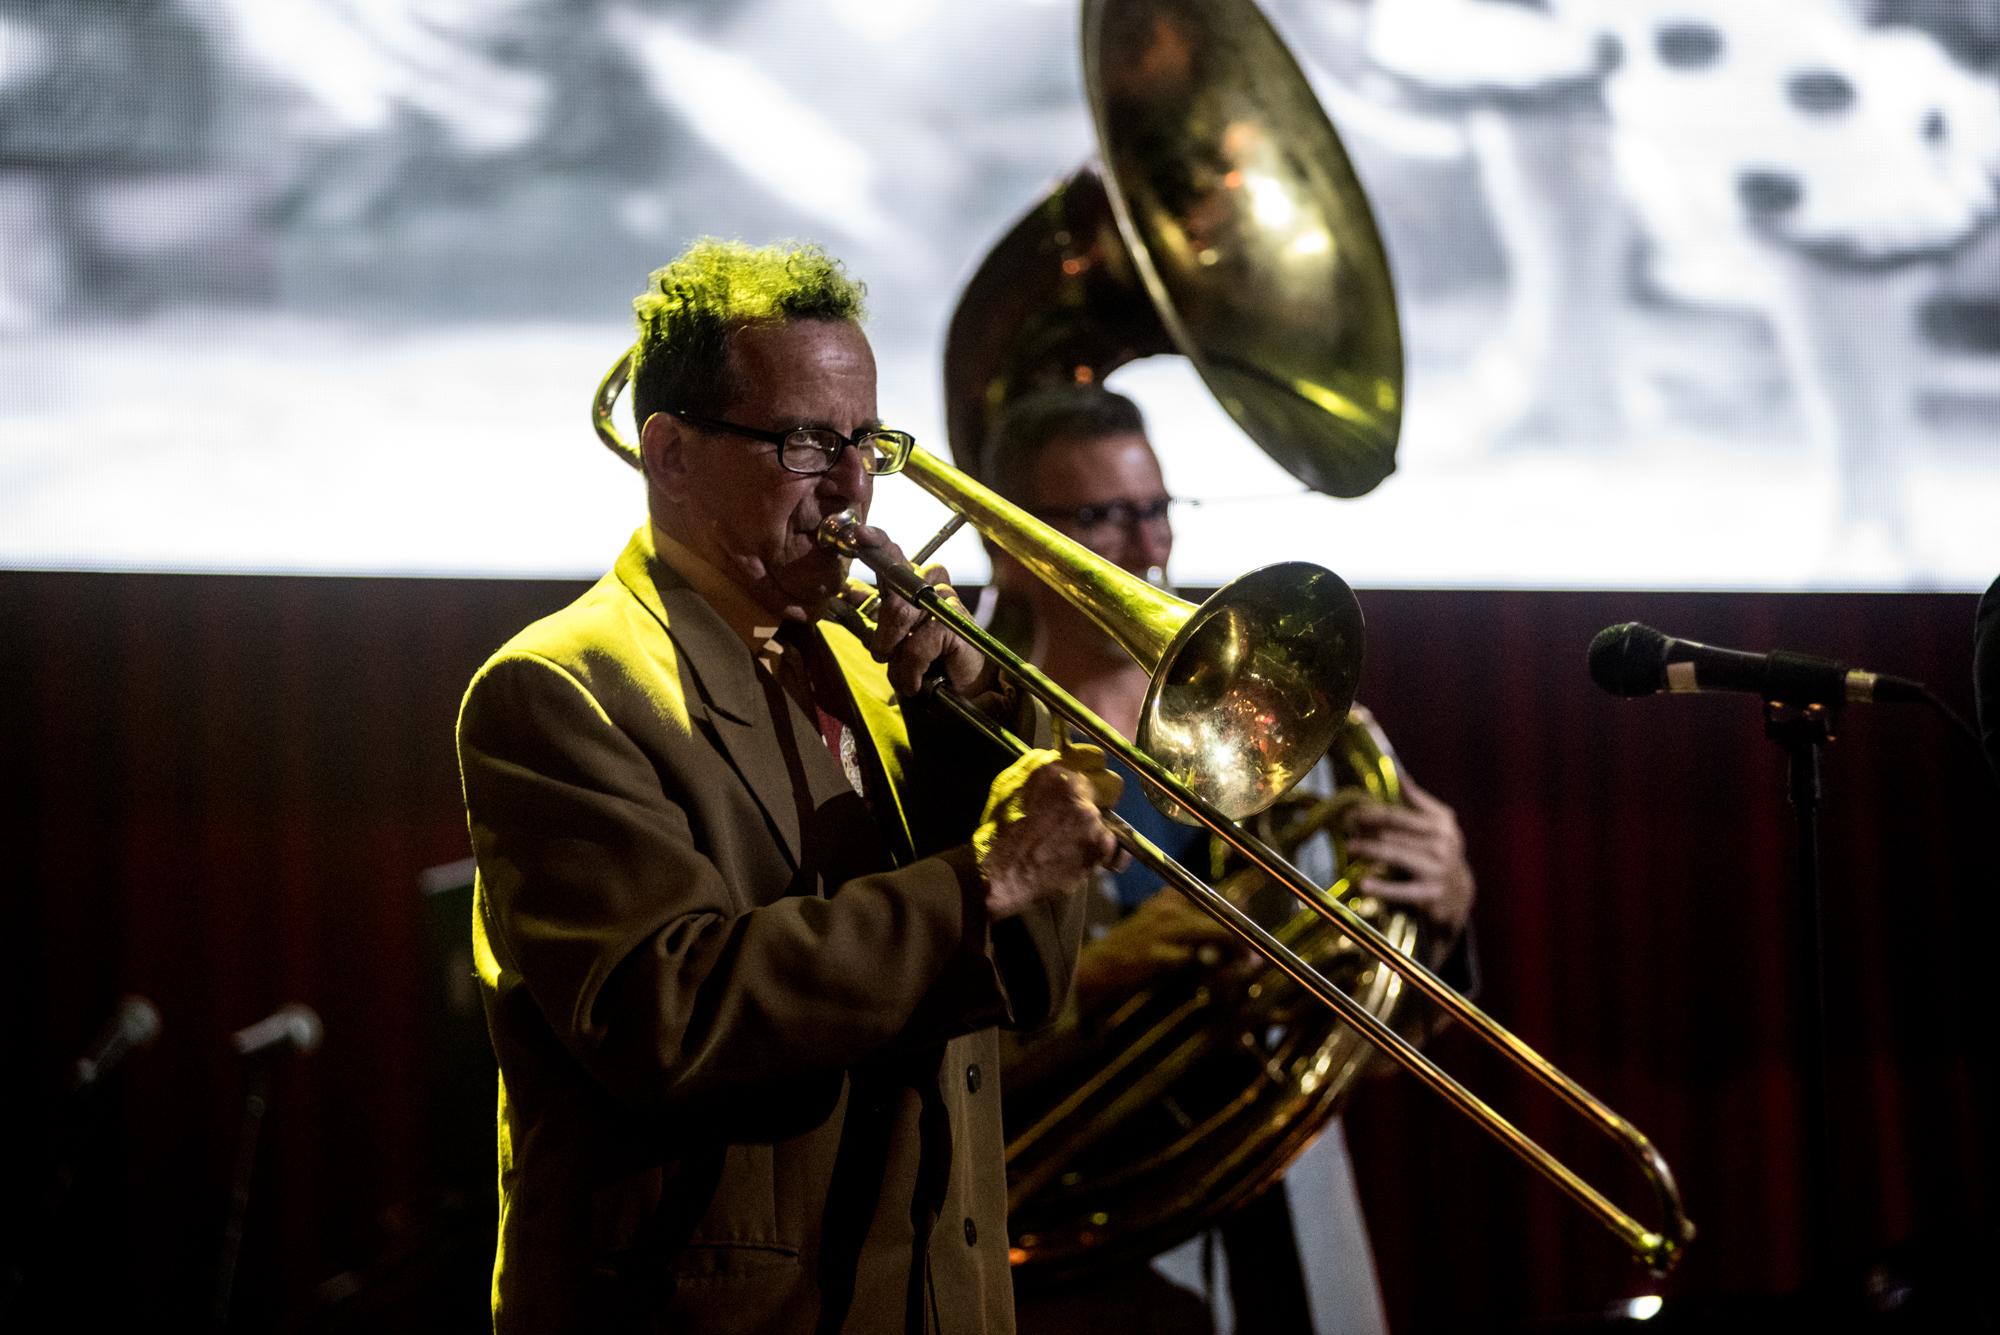 Dan Weinstein: The Mudbug Brass Band